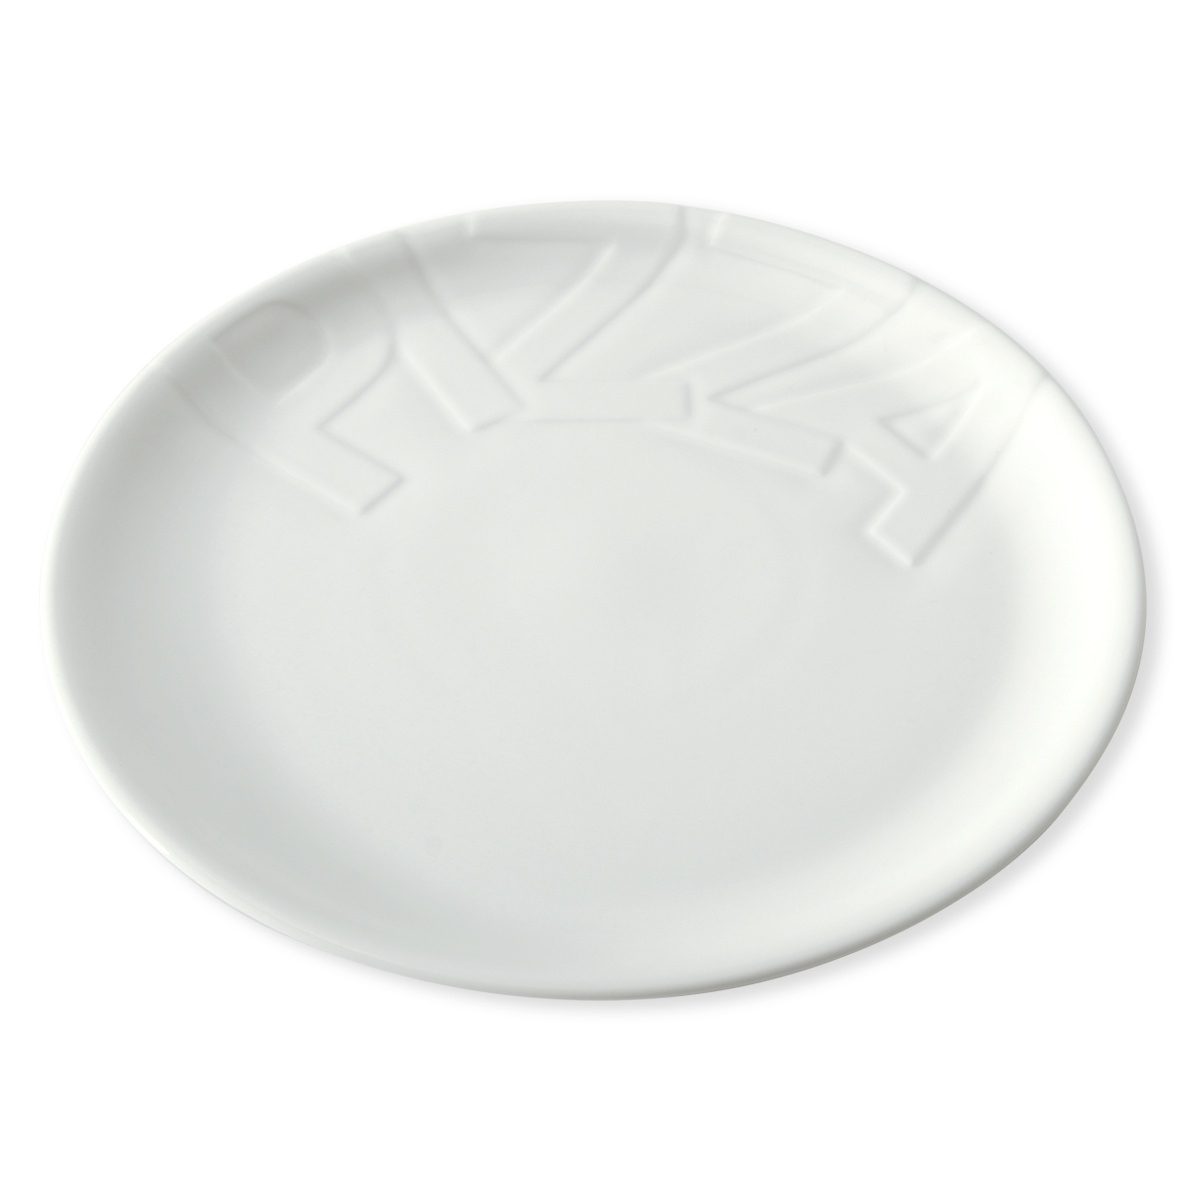 assiette pizza en porcelaine 32cm bruno evrard. Black Bedroom Furniture Sets. Home Design Ideas